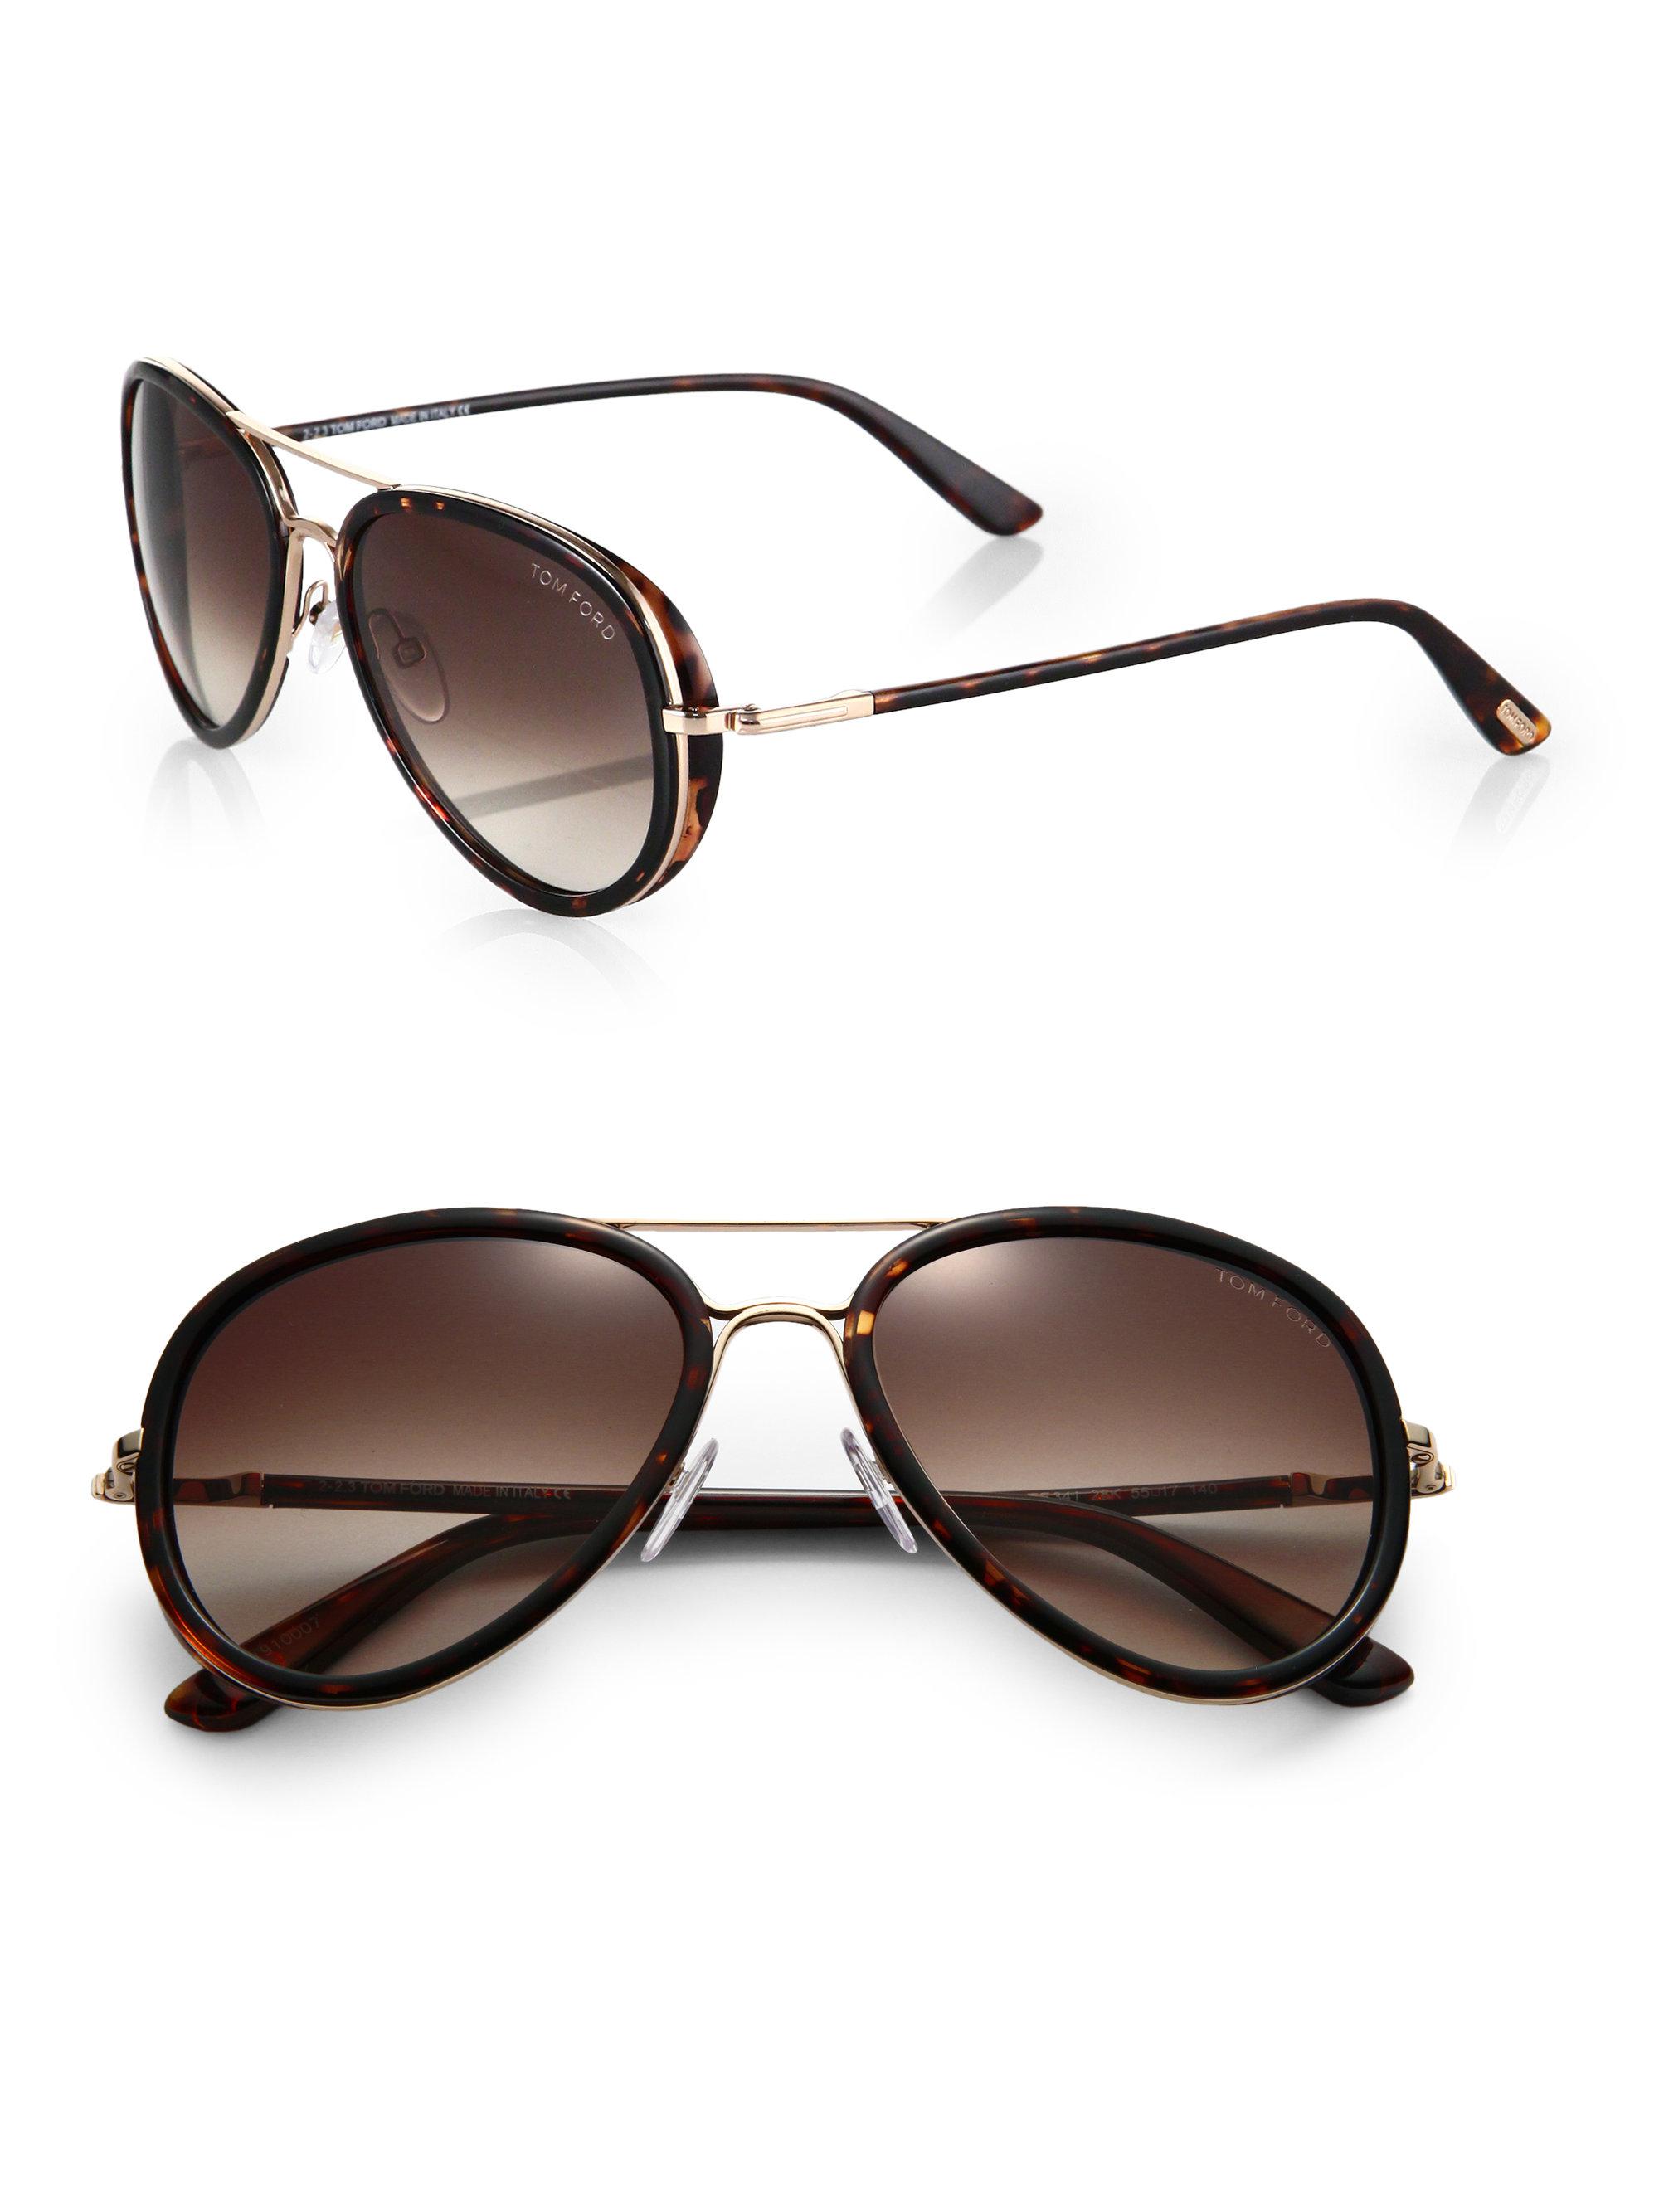 Tom Miles Sunglasses Brown Ford Men For bg6vIYfy7